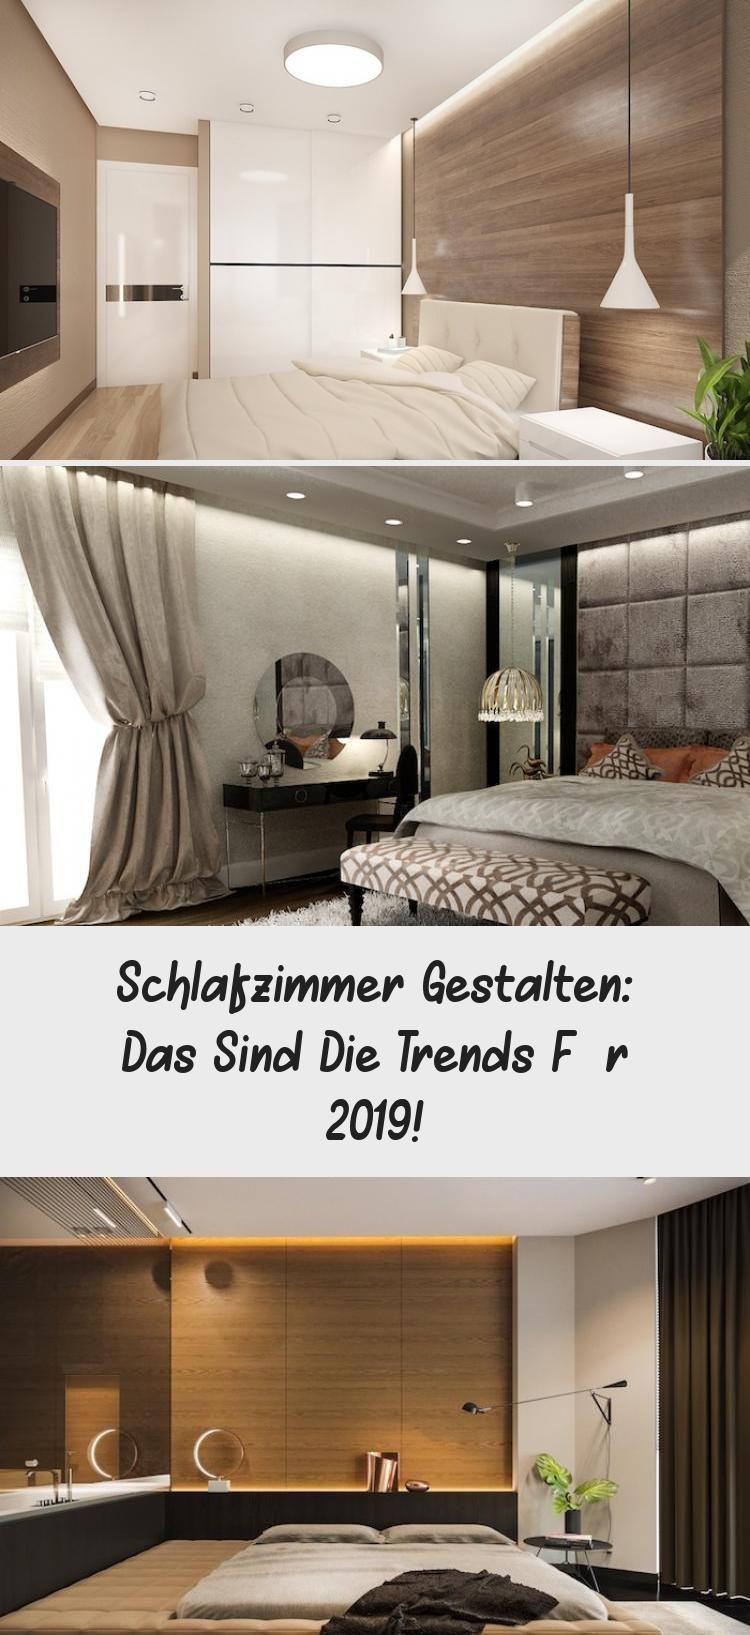 Schlafzimmer Gestalten Das Sind Die Trends Für 2019